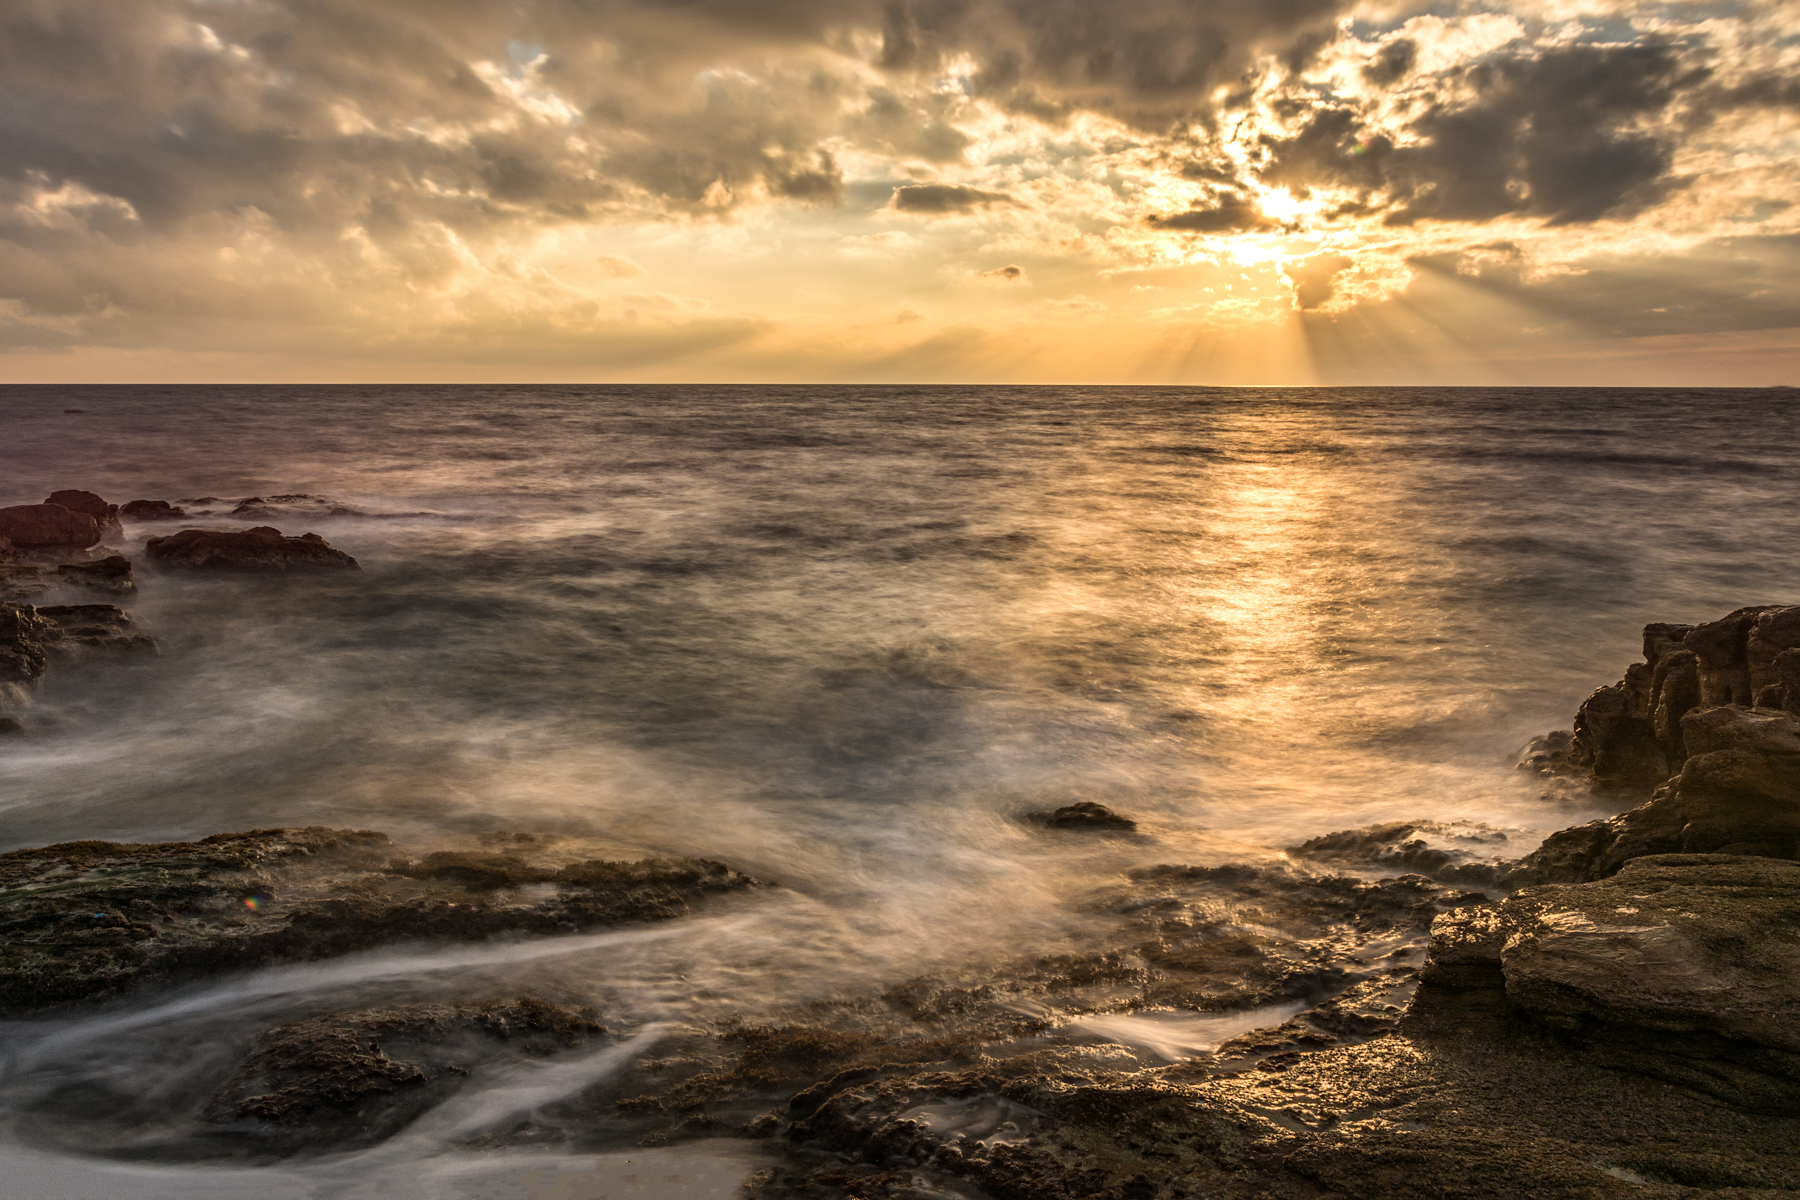 Sunset at Calafuria...